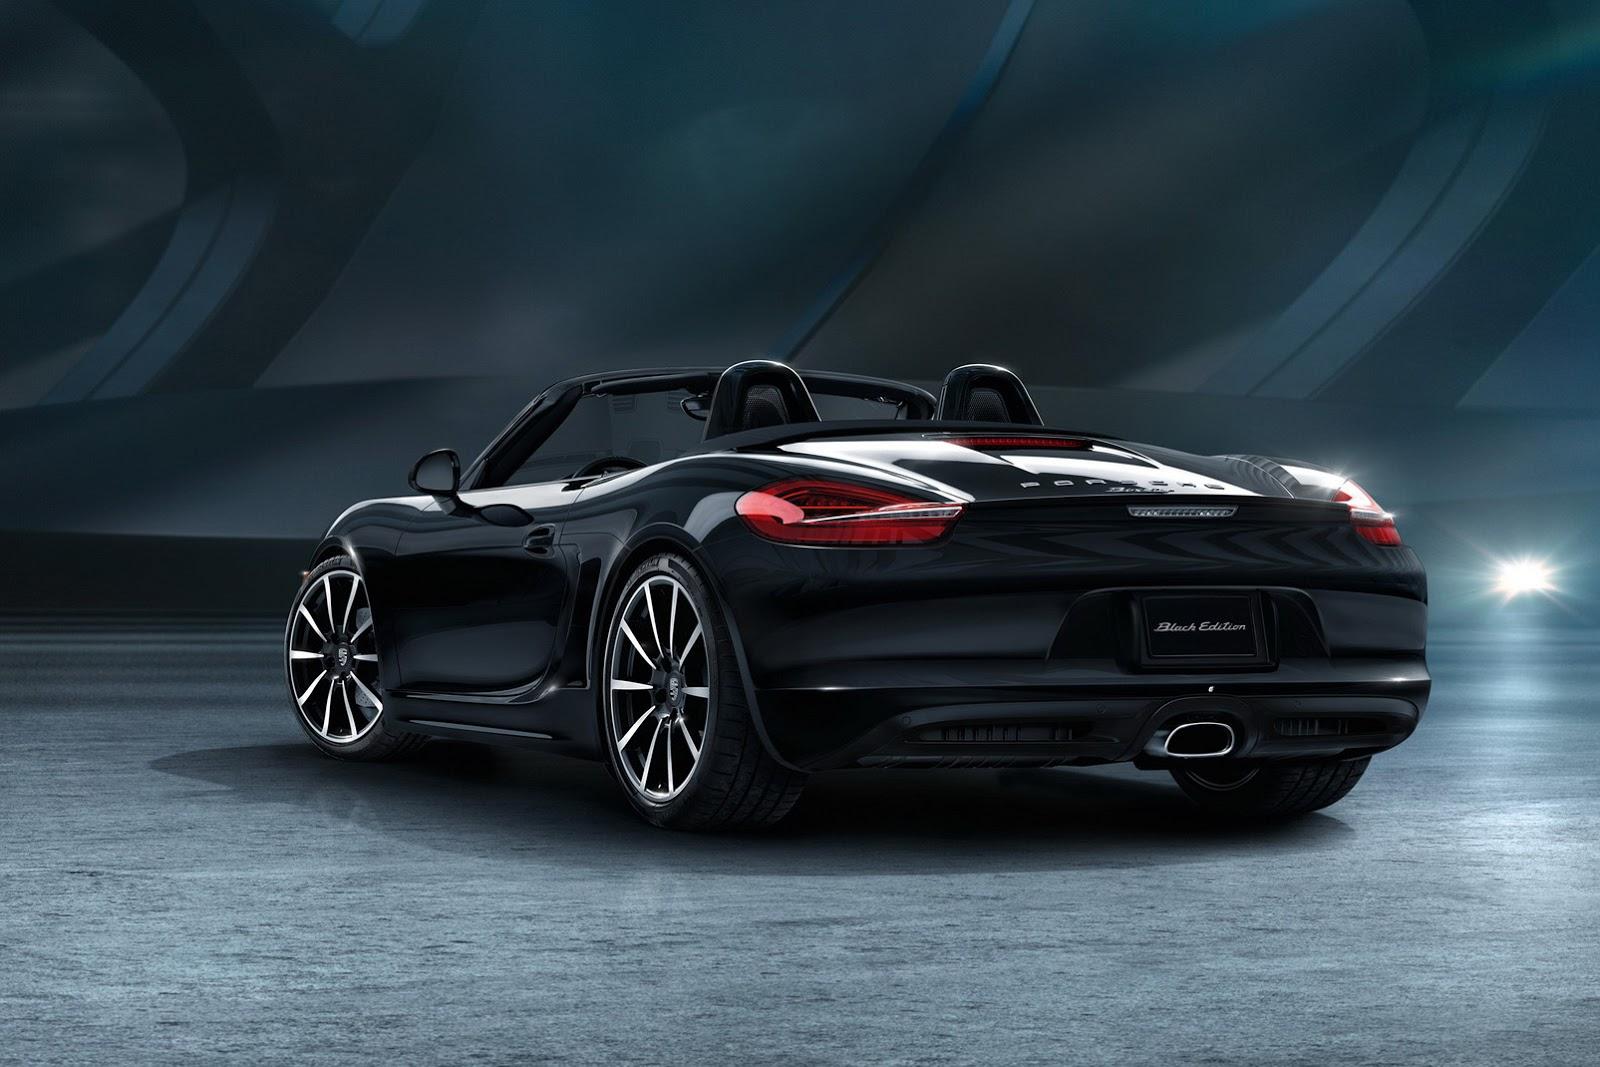 Porsche-Boxster-Black-Edition-1.jpg